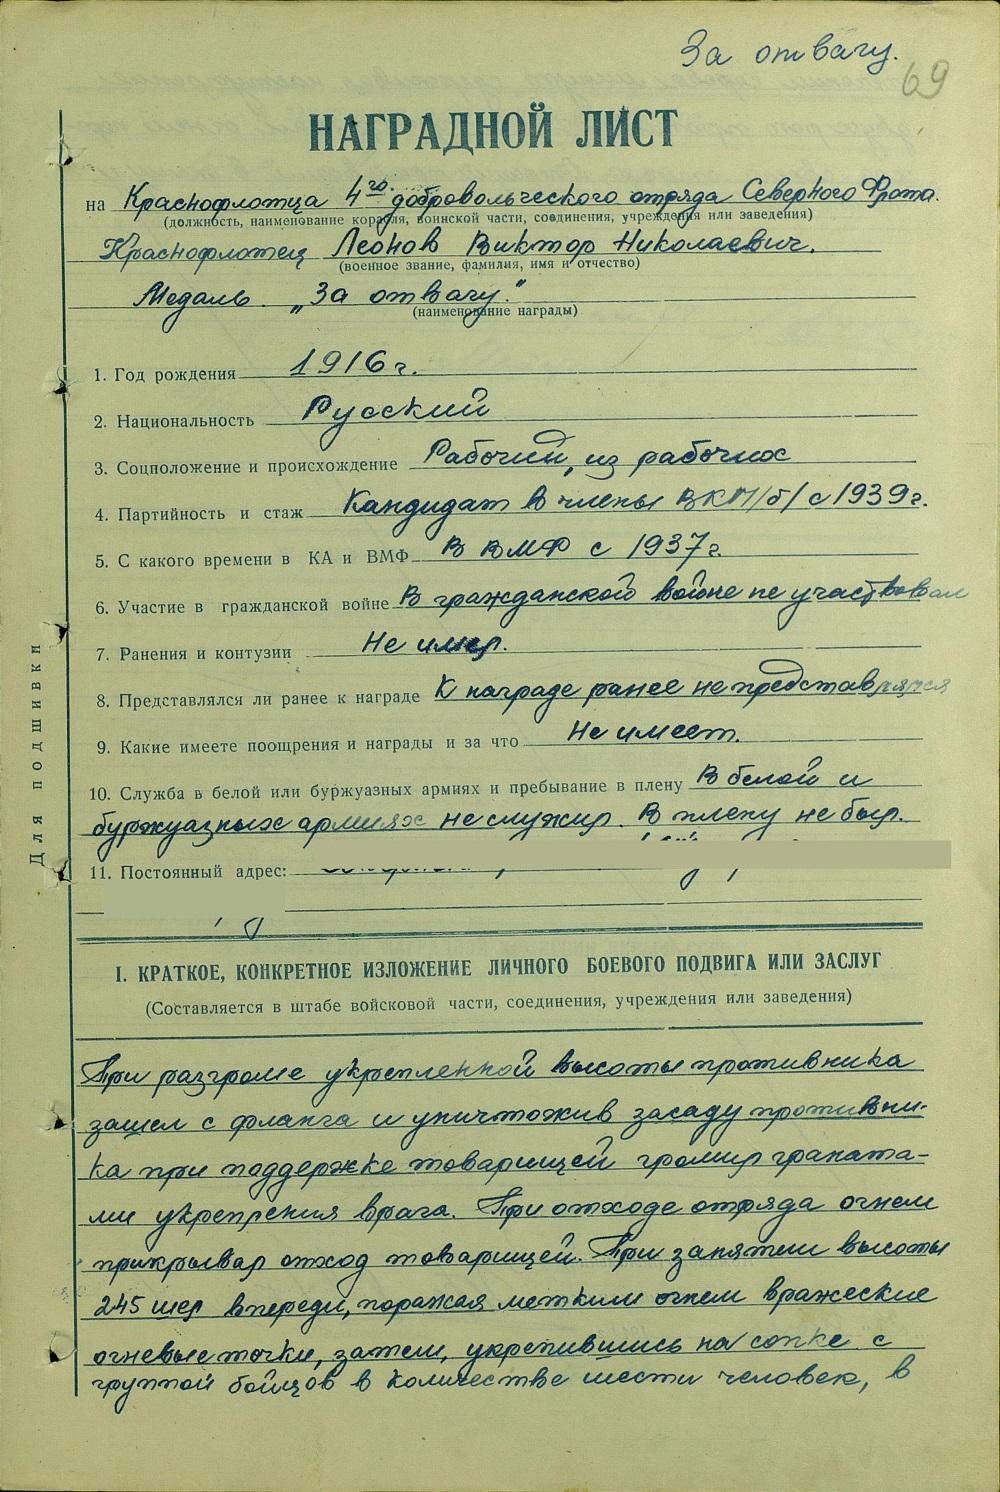 Леонов В.Н. ЗО(1)